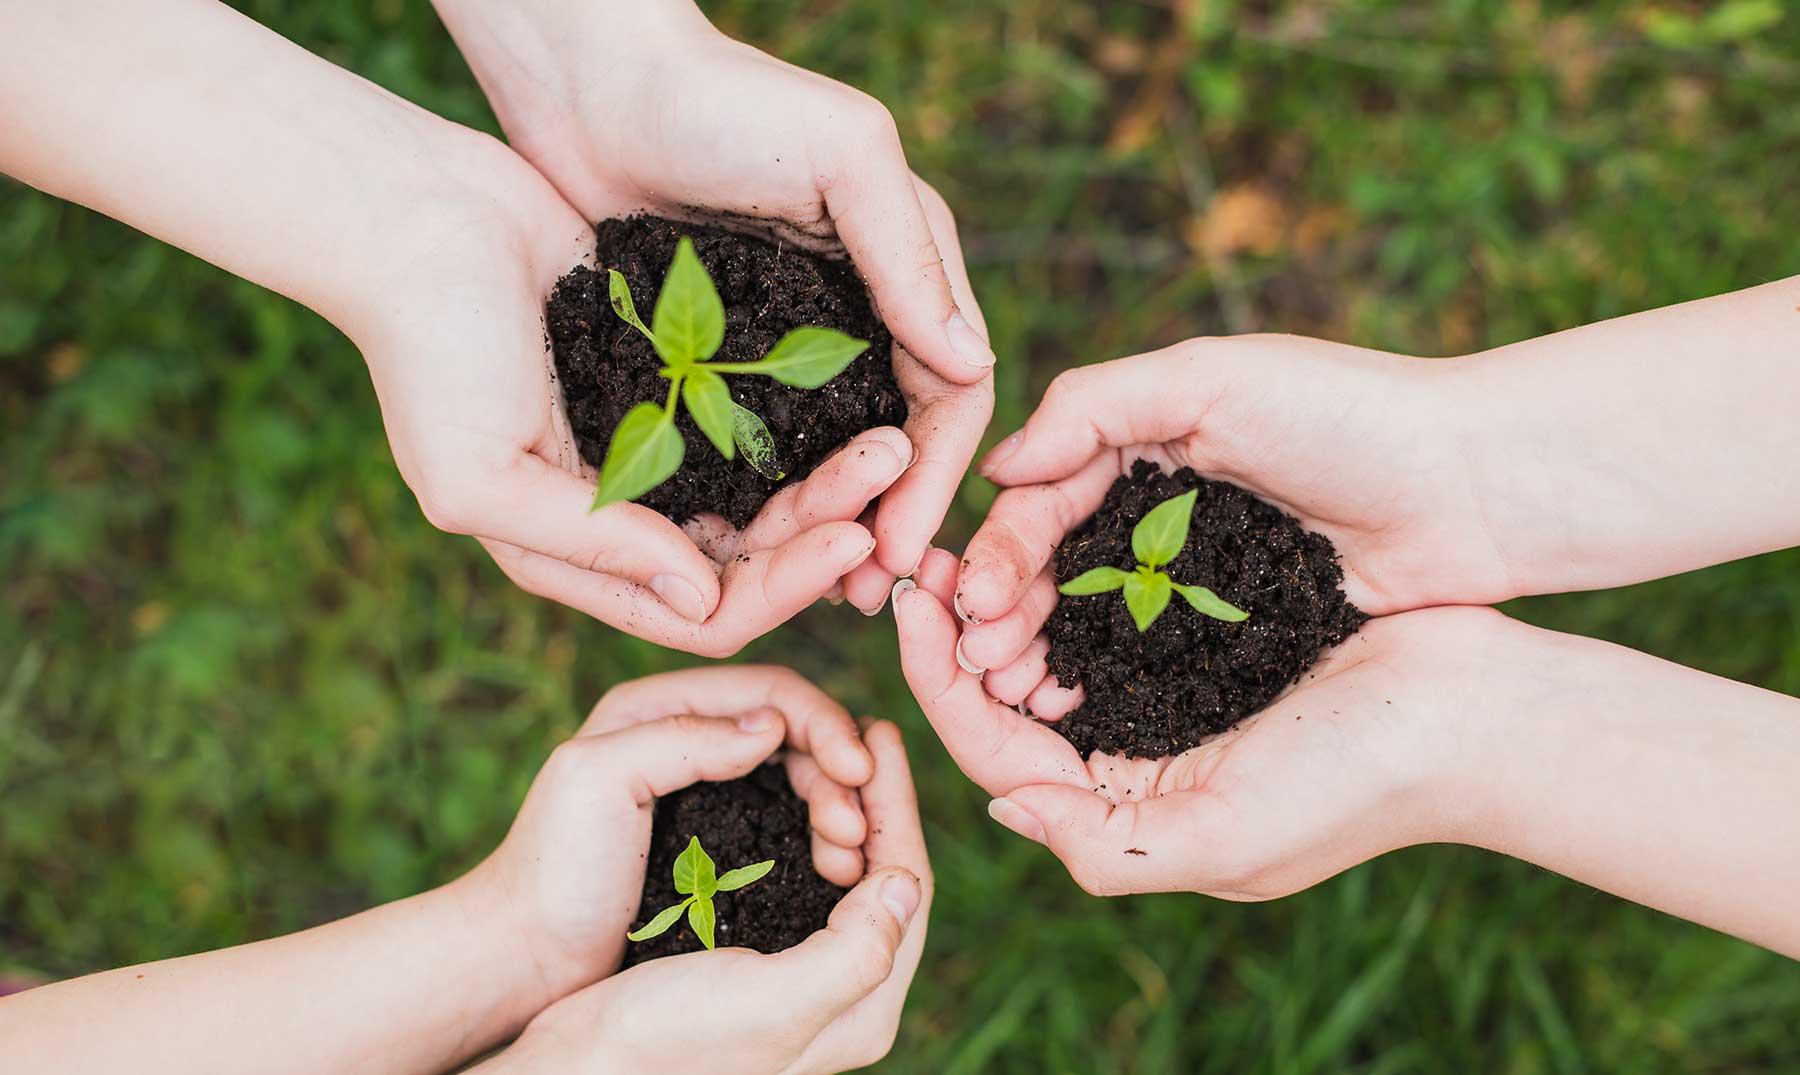 actividades para fomentar el cuidado del medio ambiente